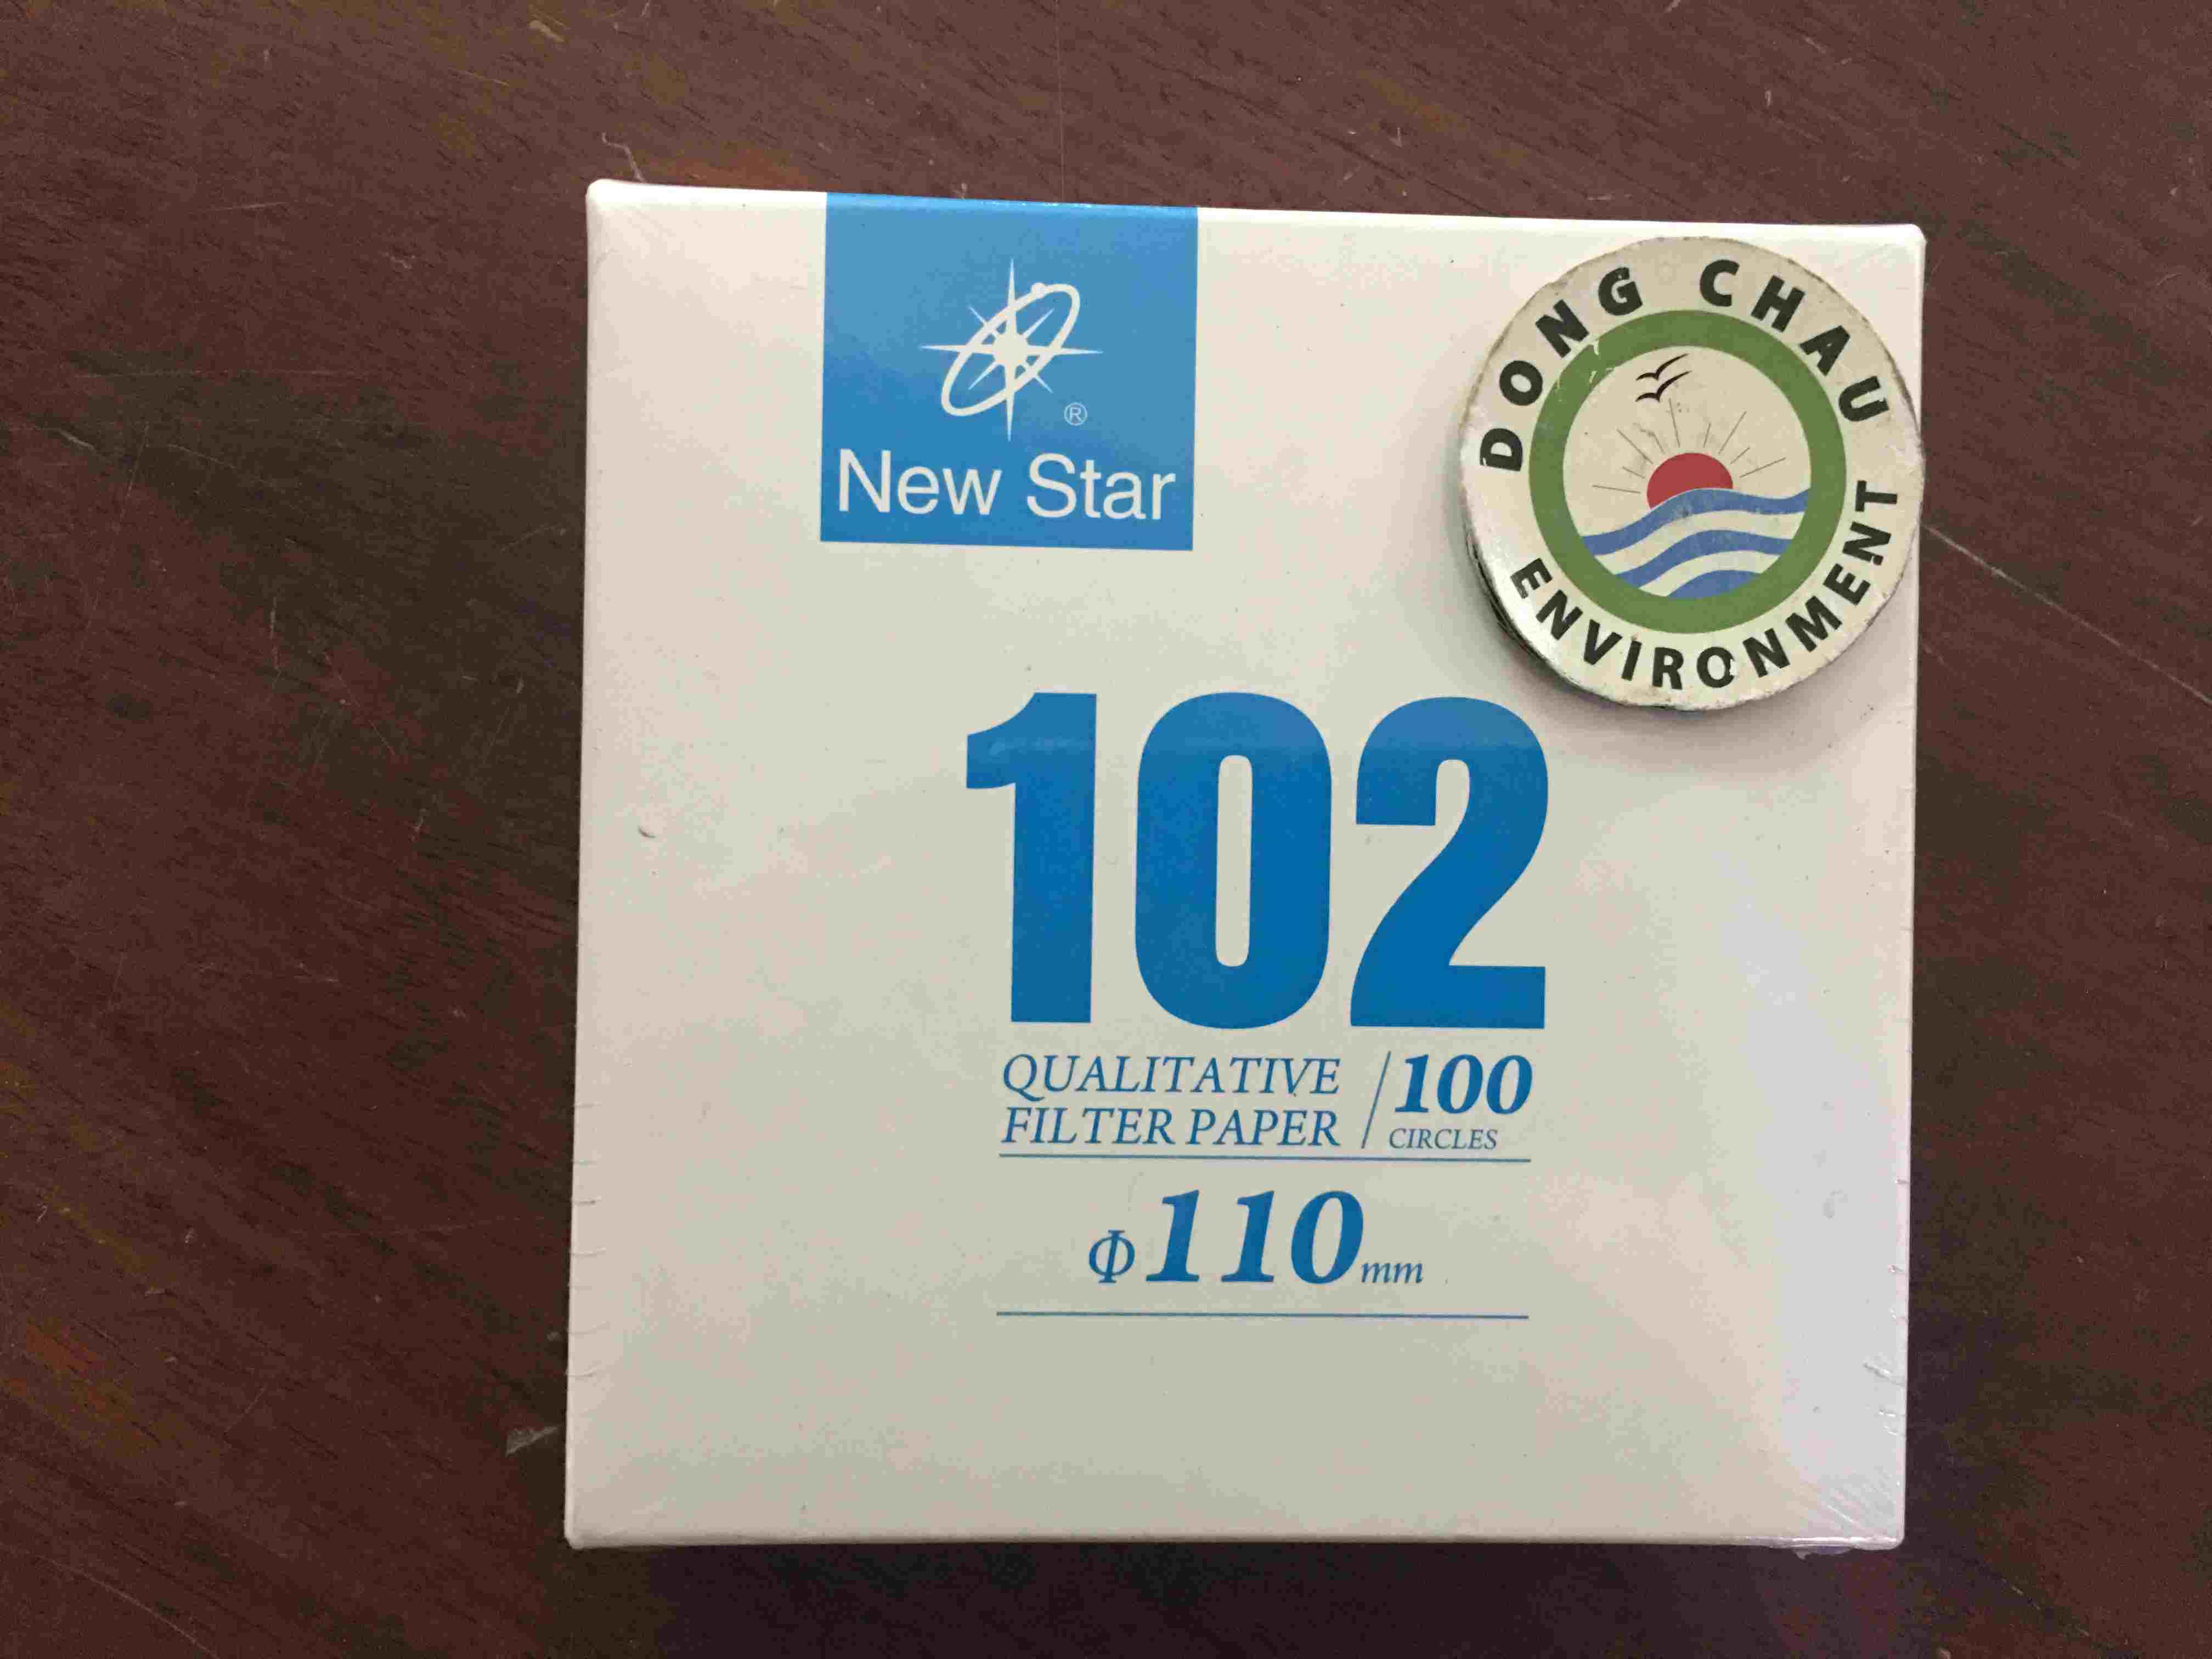 Giấy lọc phòng thí nghiệm Newstar 102 đường kính 110 mm